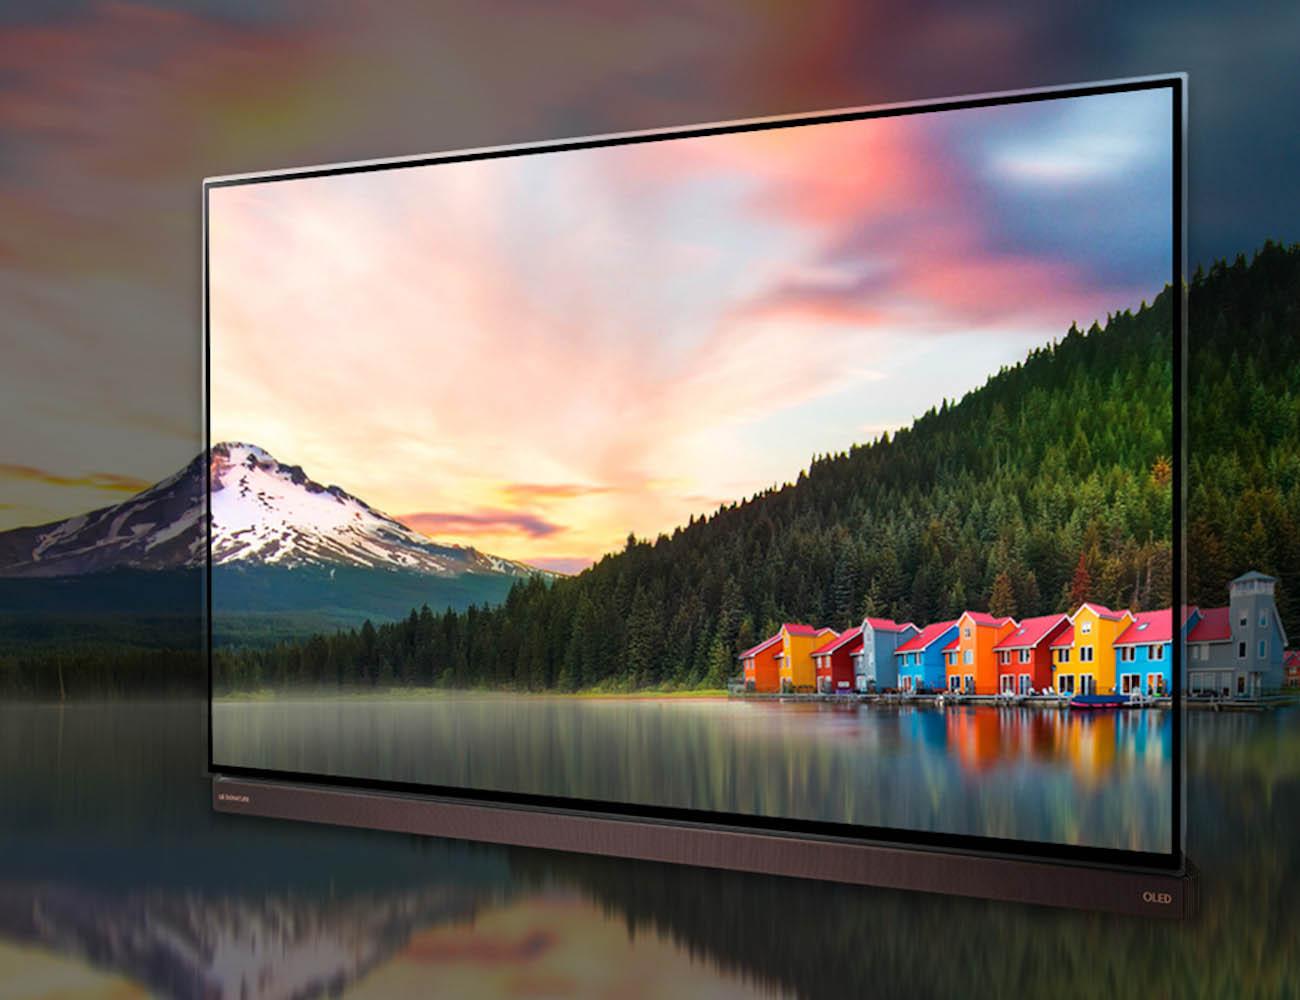 LG HDR Pro 4K OLED TV Range